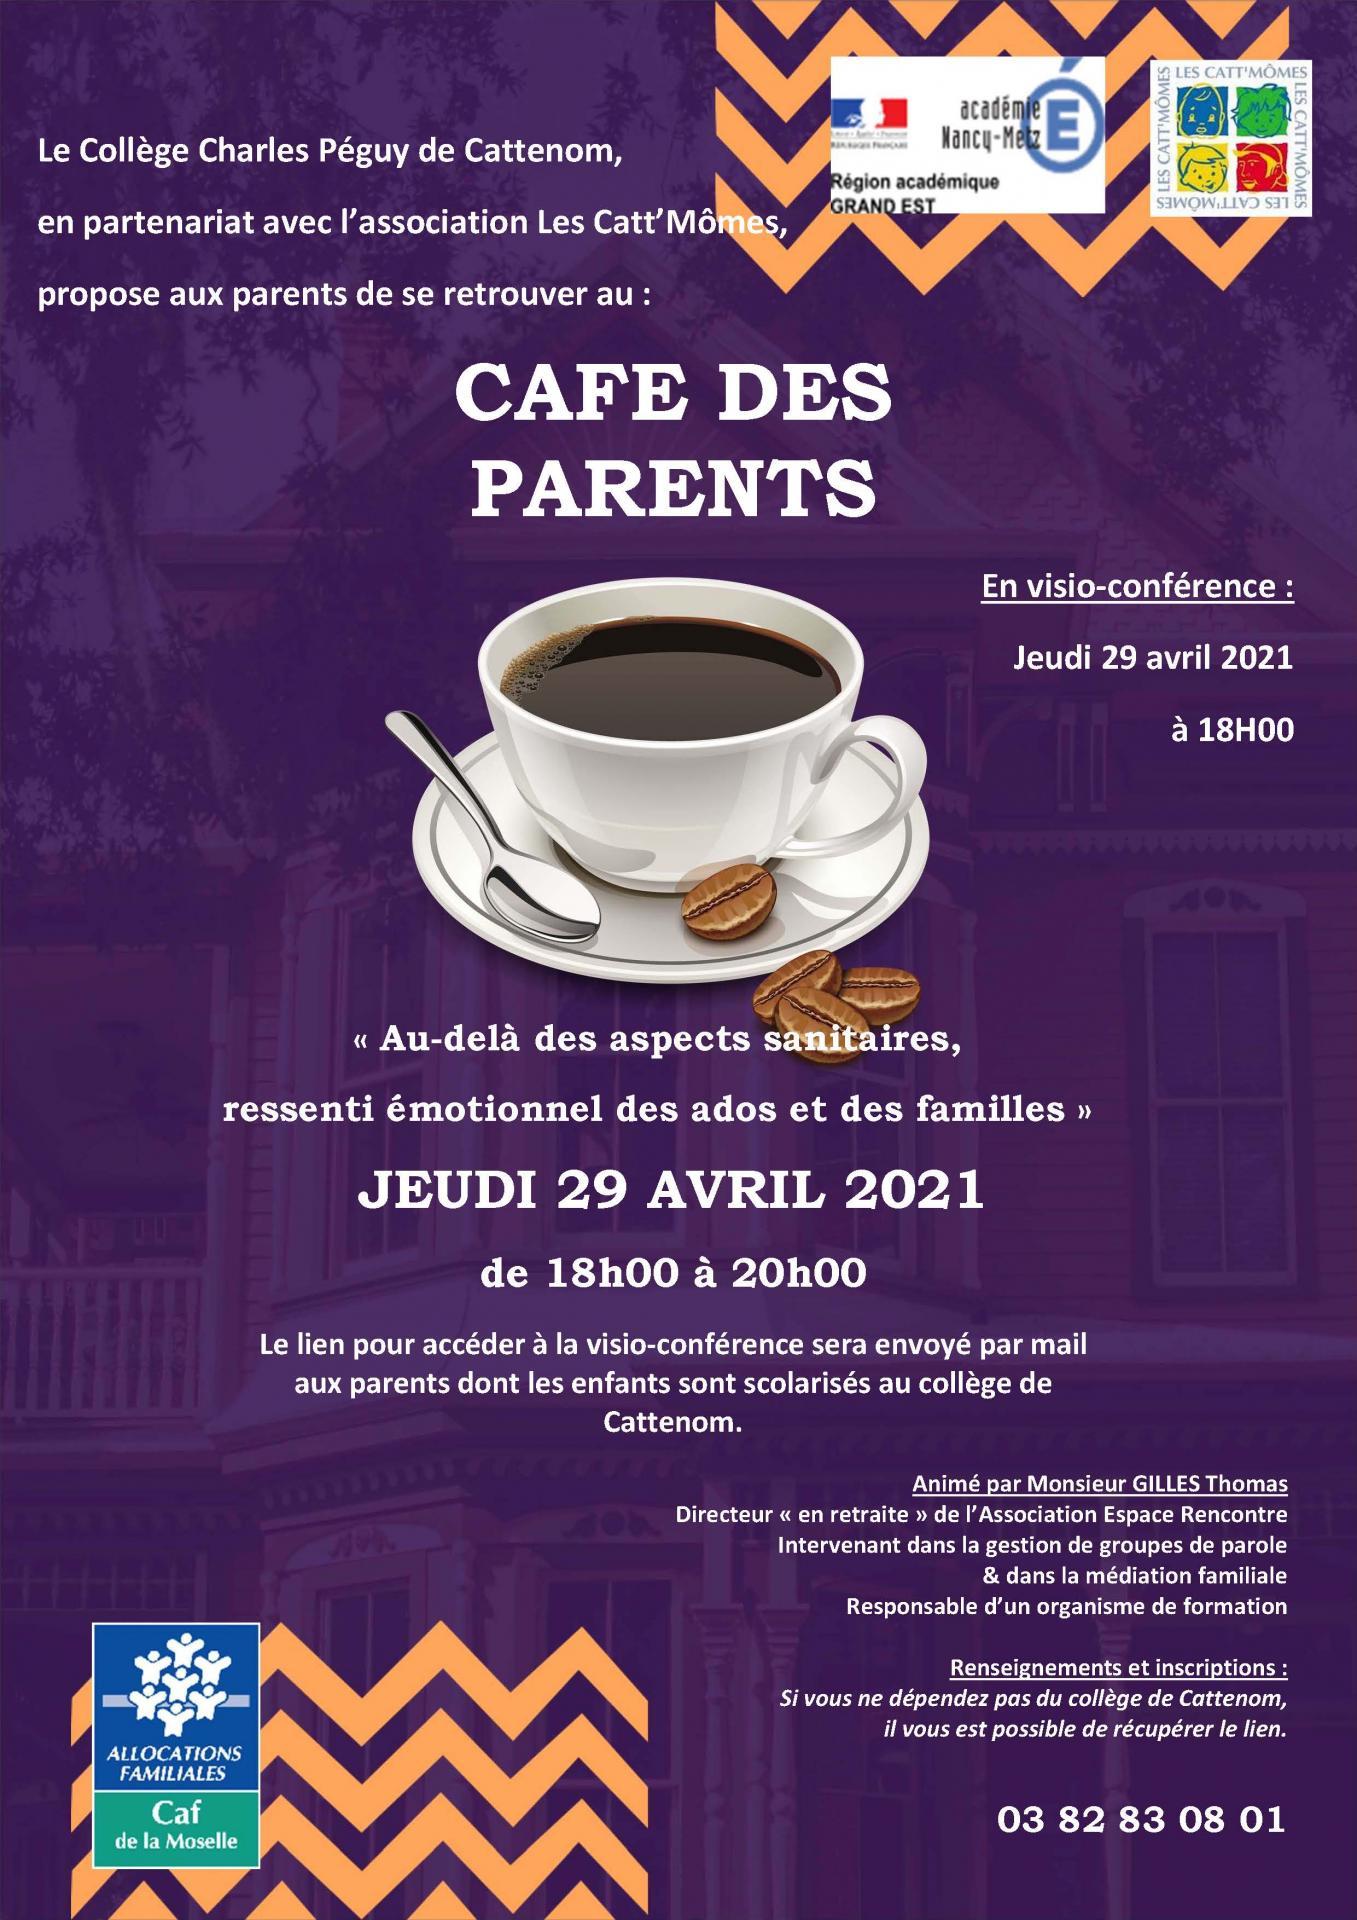 Affiche cafe des parents 29 04 21 1